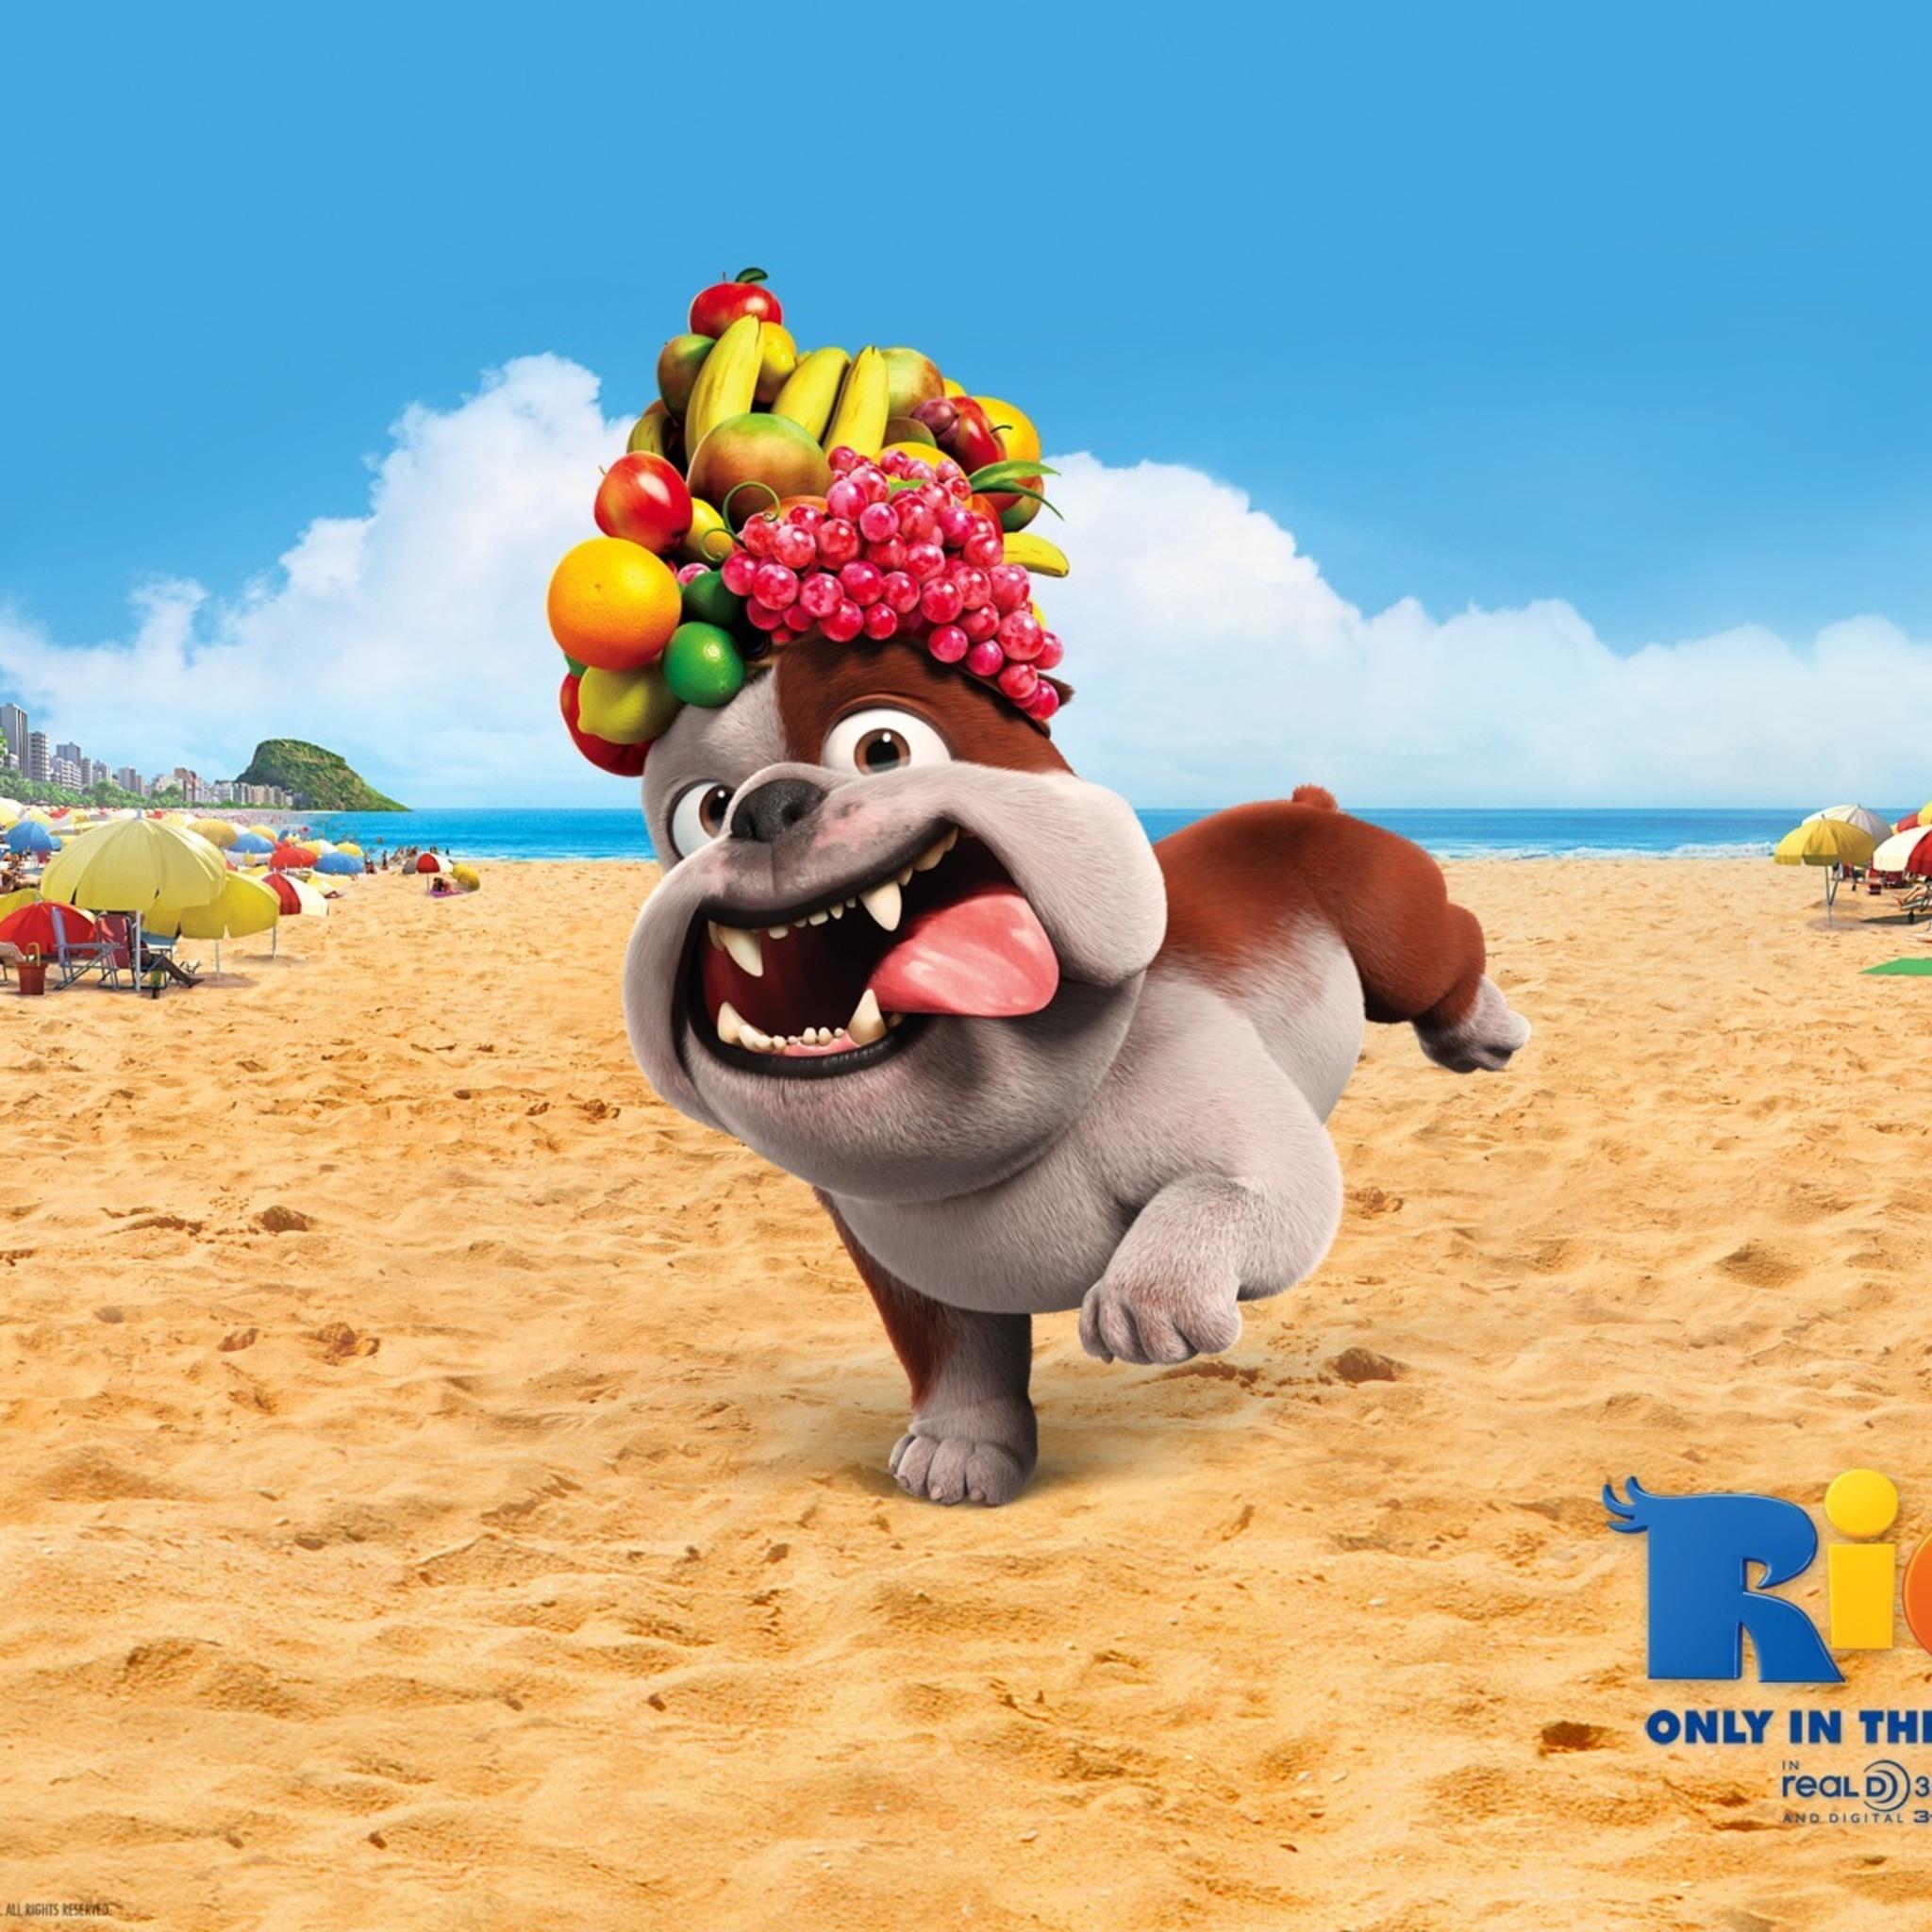 luiz-bulldog-in-rio-movie.jpg